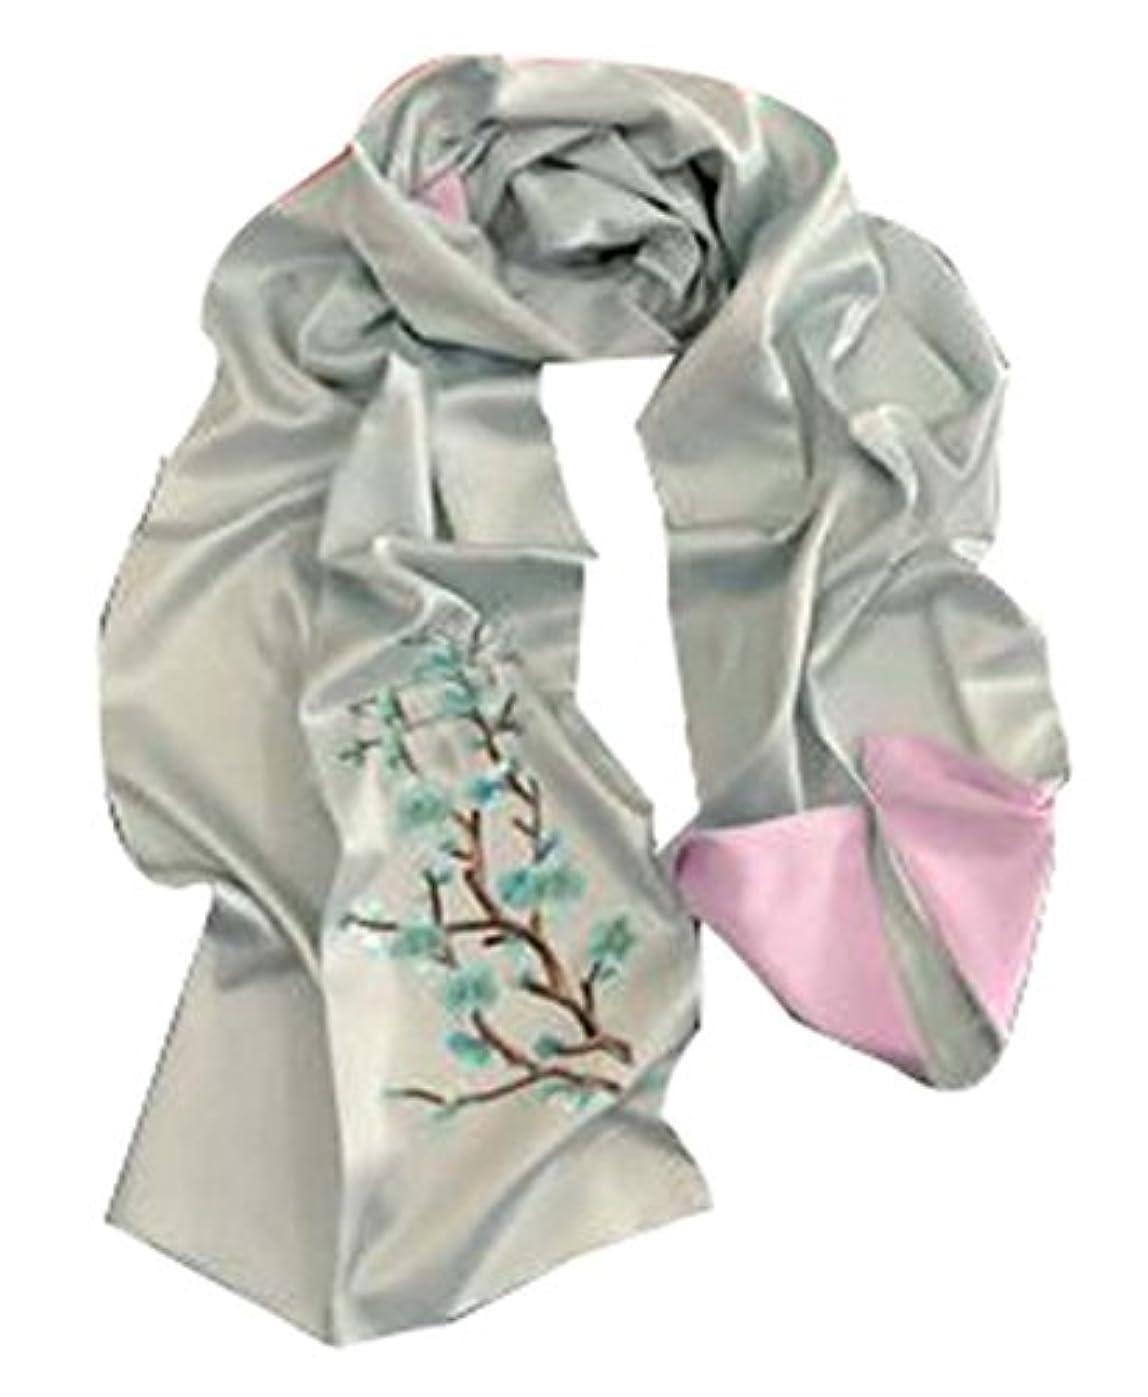 蒸留する醸造所補足シルク刺繍スカーフファッションスカーフ女性のための長いショール #01